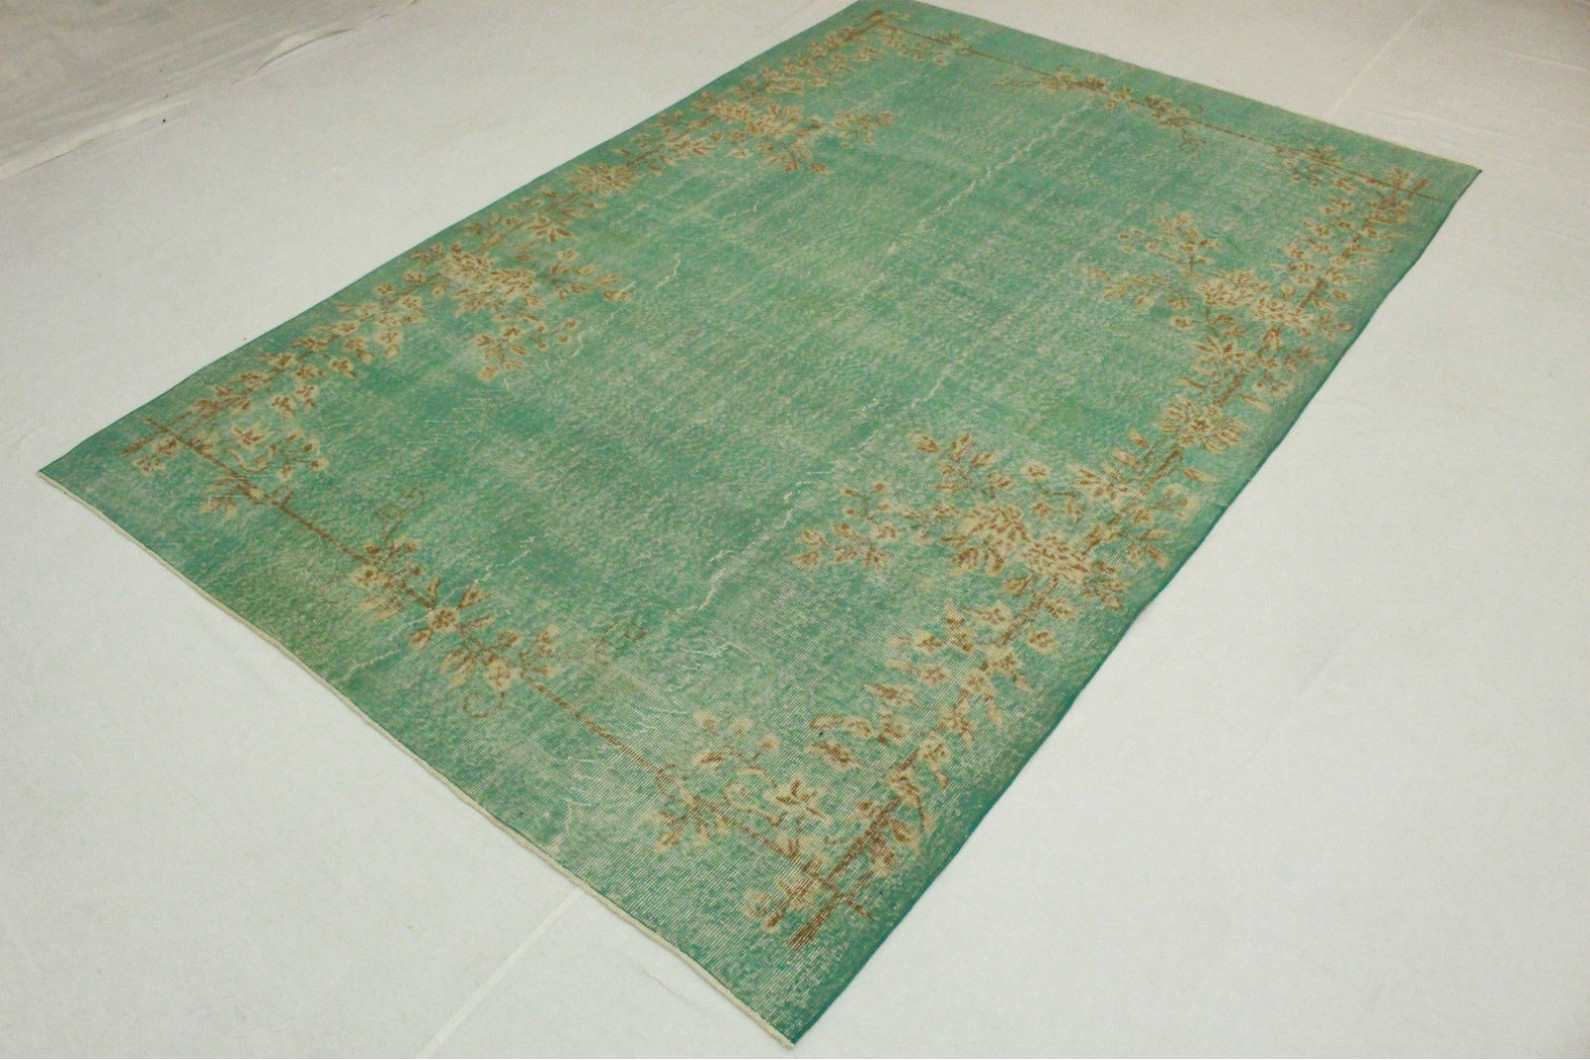 vintage teppich gr n t rkis in 310x200cm 1011 5128 bei. Black Bedroom Furniture Sets. Home Design Ideas